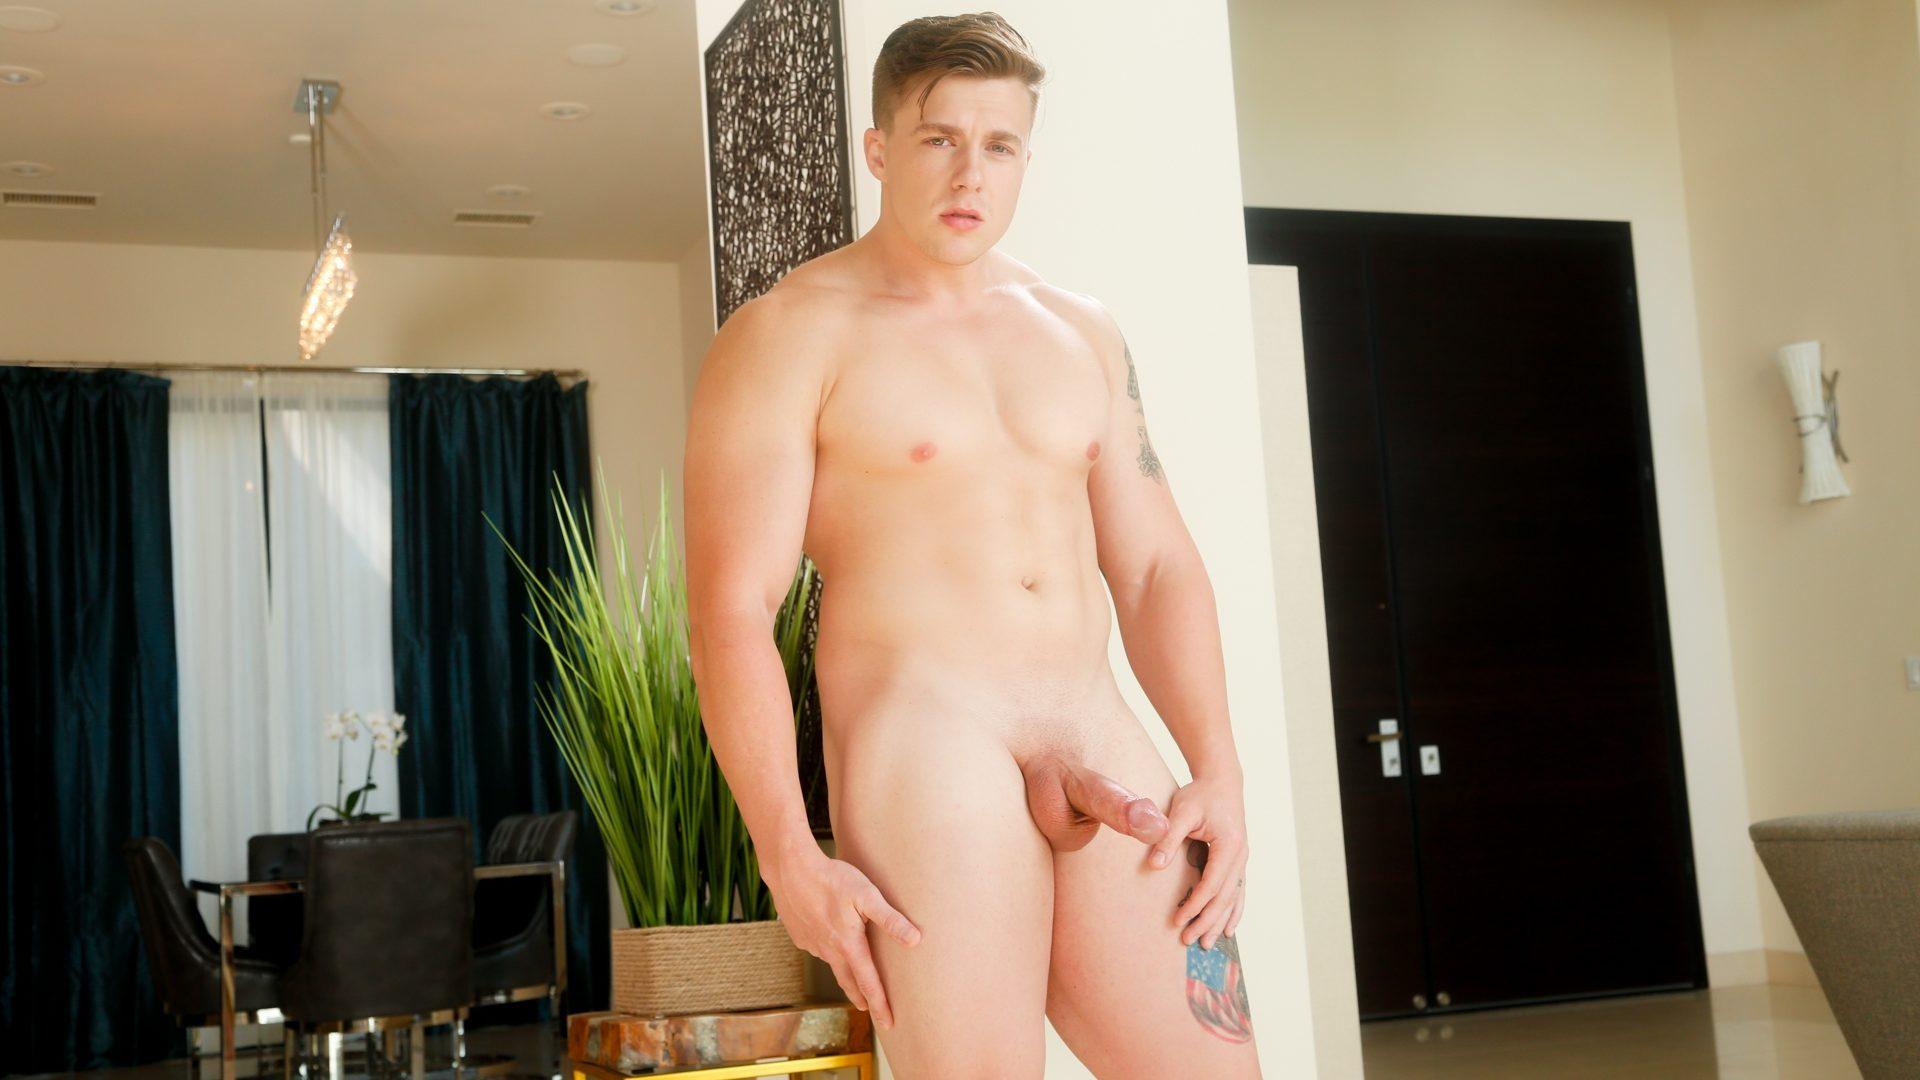 Meet The Model: Conan McGuire 2